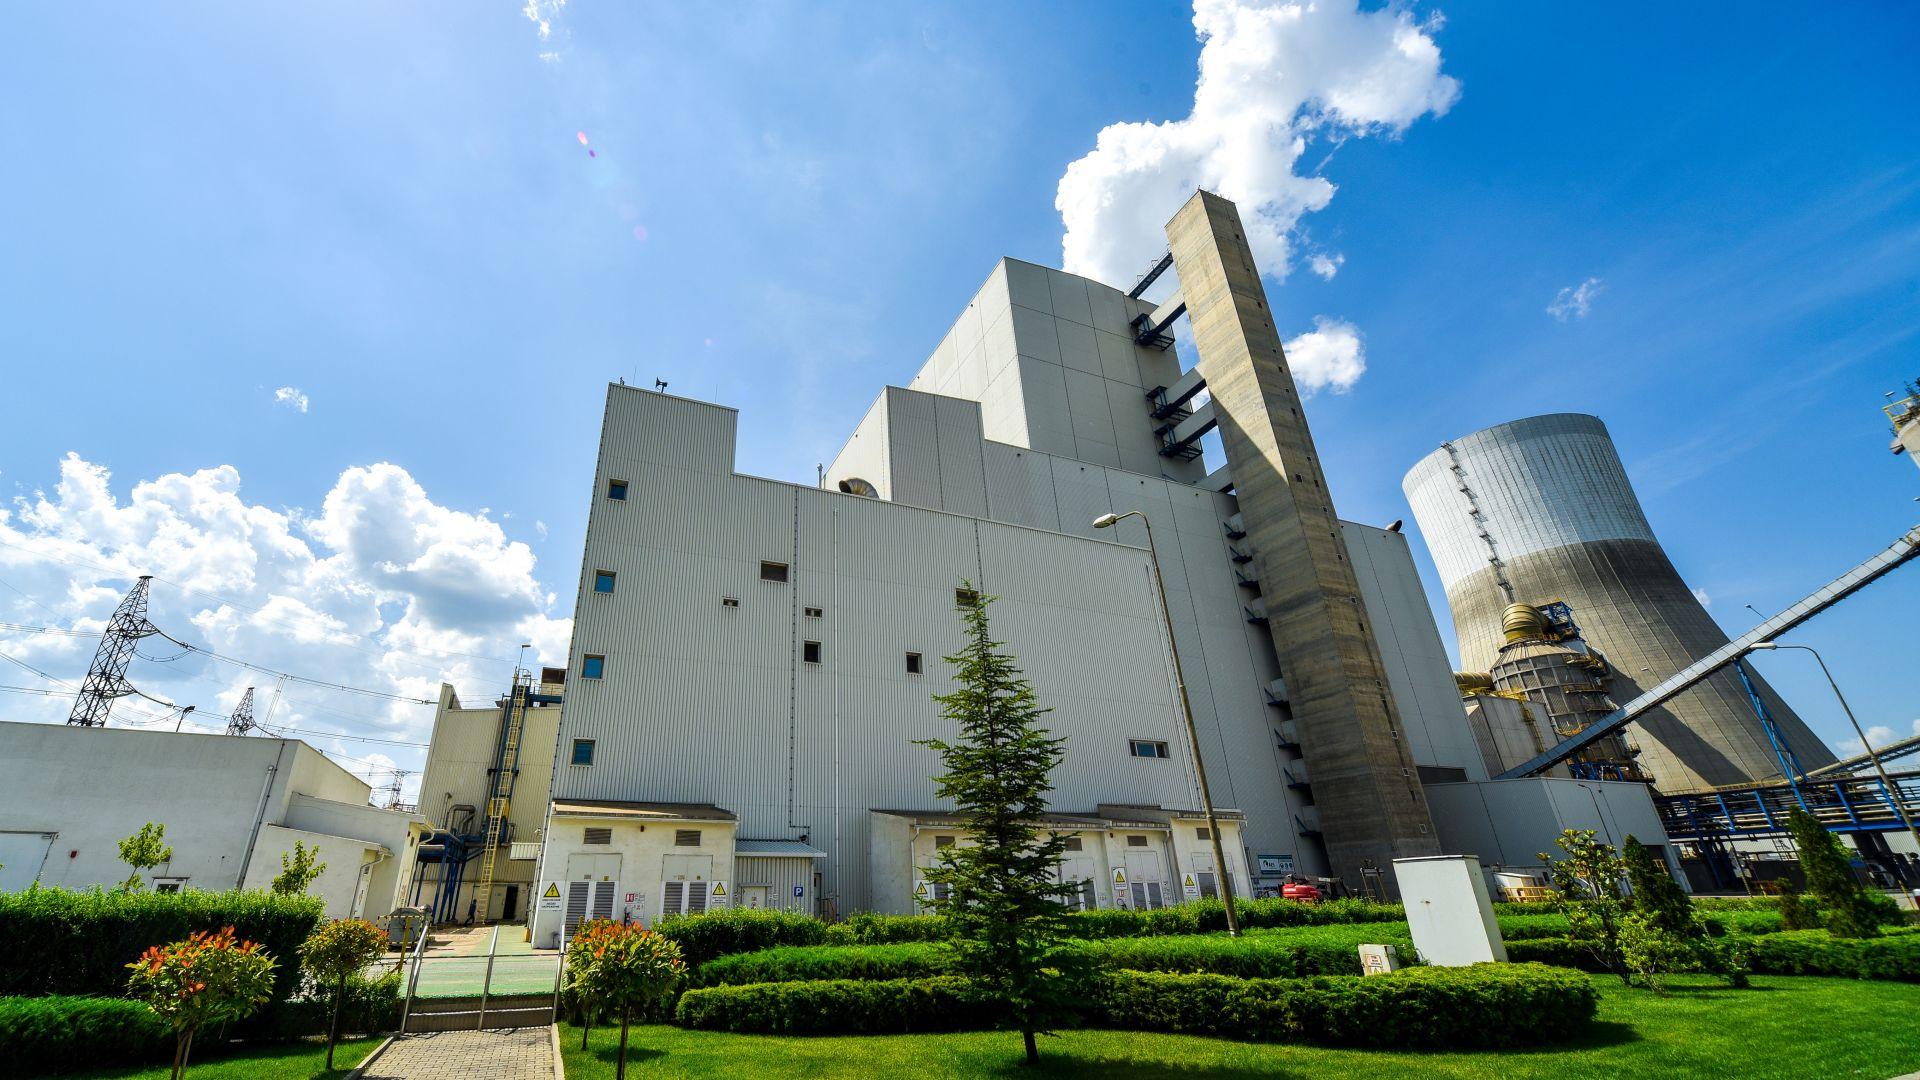 ТЕЦ AES Гълъбово произведе за 10 г. ток, 2 пъти потреблението на всички домакинства